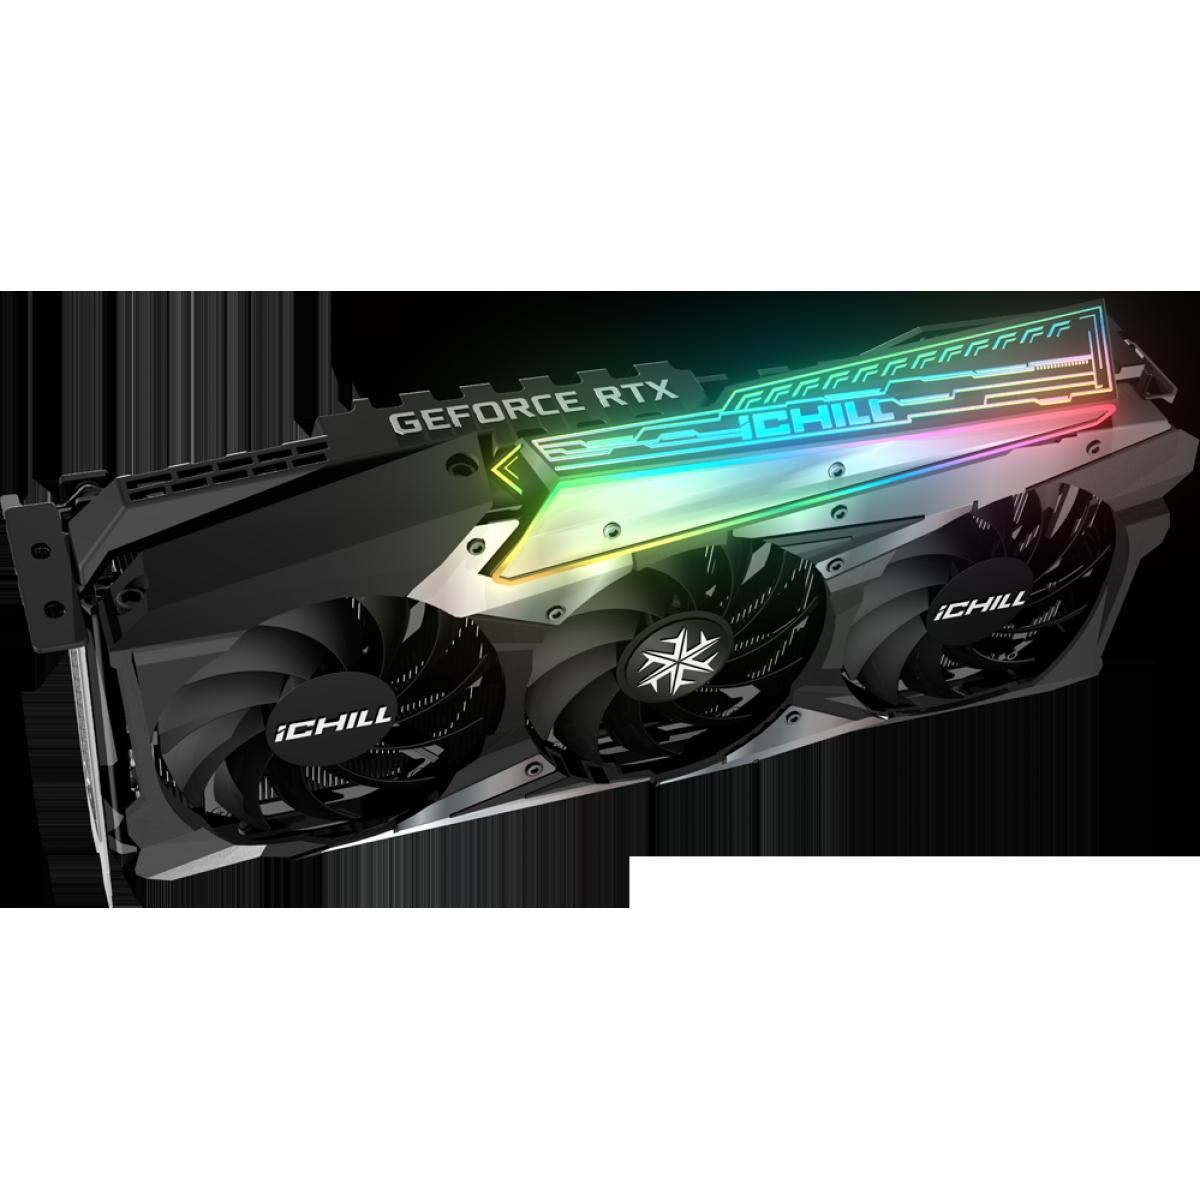 Placa de Vídeo INNO3D Geforce, ICHILL X3, RTX 3080, 10GB, GDDR6X, 320bit, INNO3D GEFORCE RTX 3080 ICHILL X3